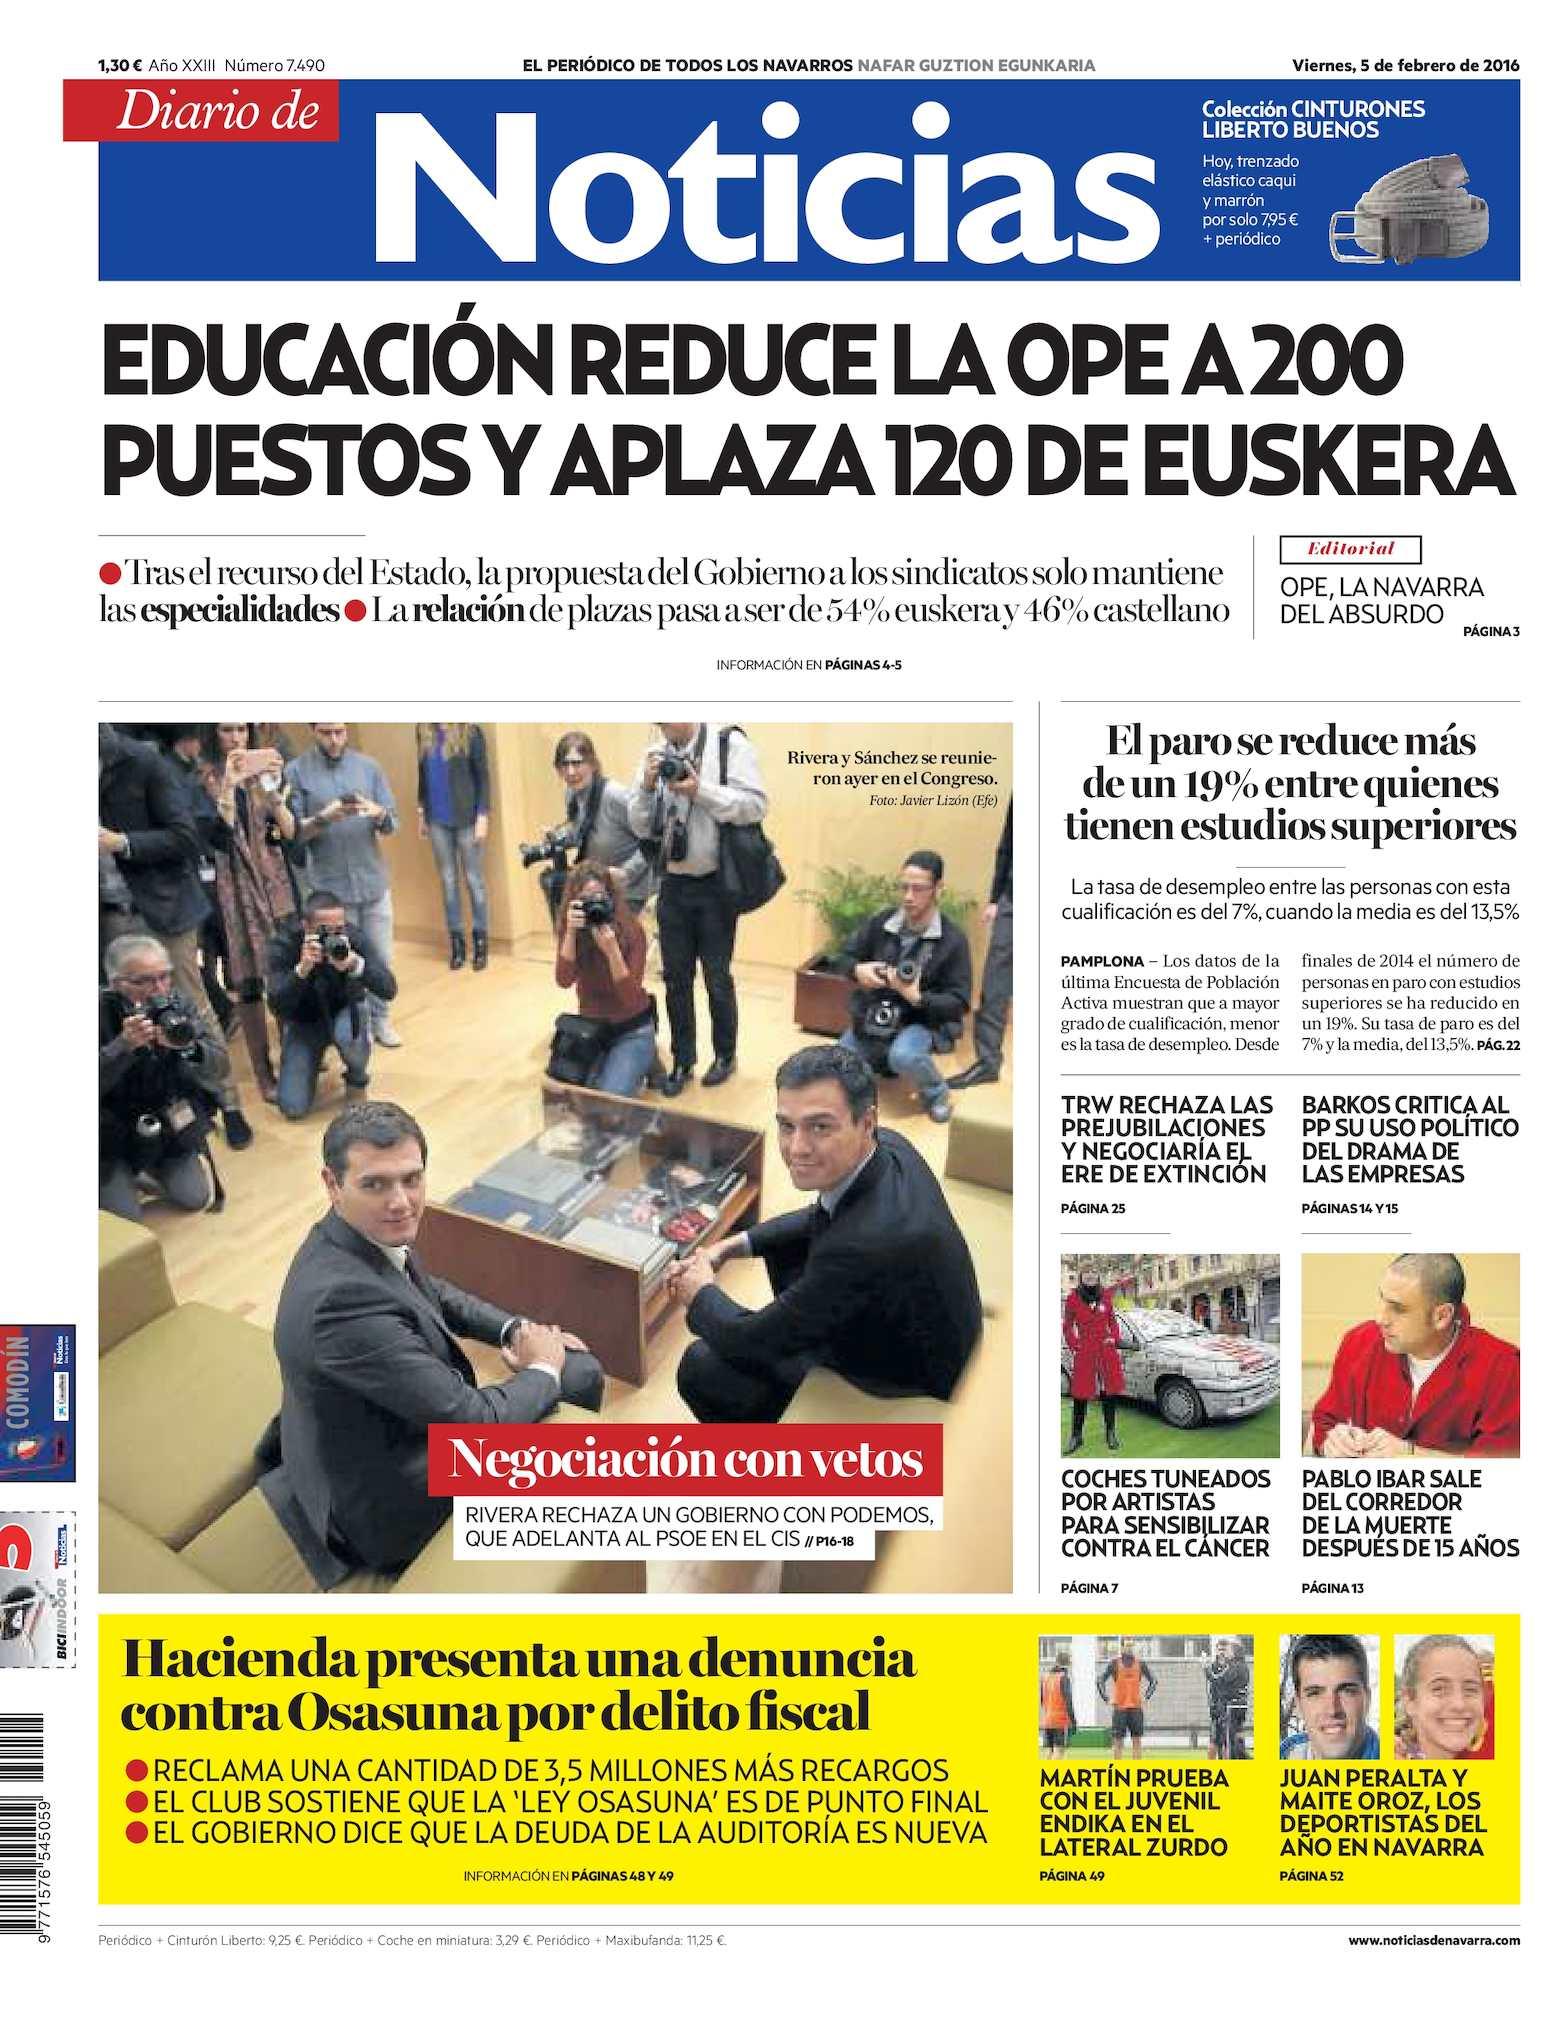 Calaméo - Diario de Noticias 20160205 3a6363ad99d0